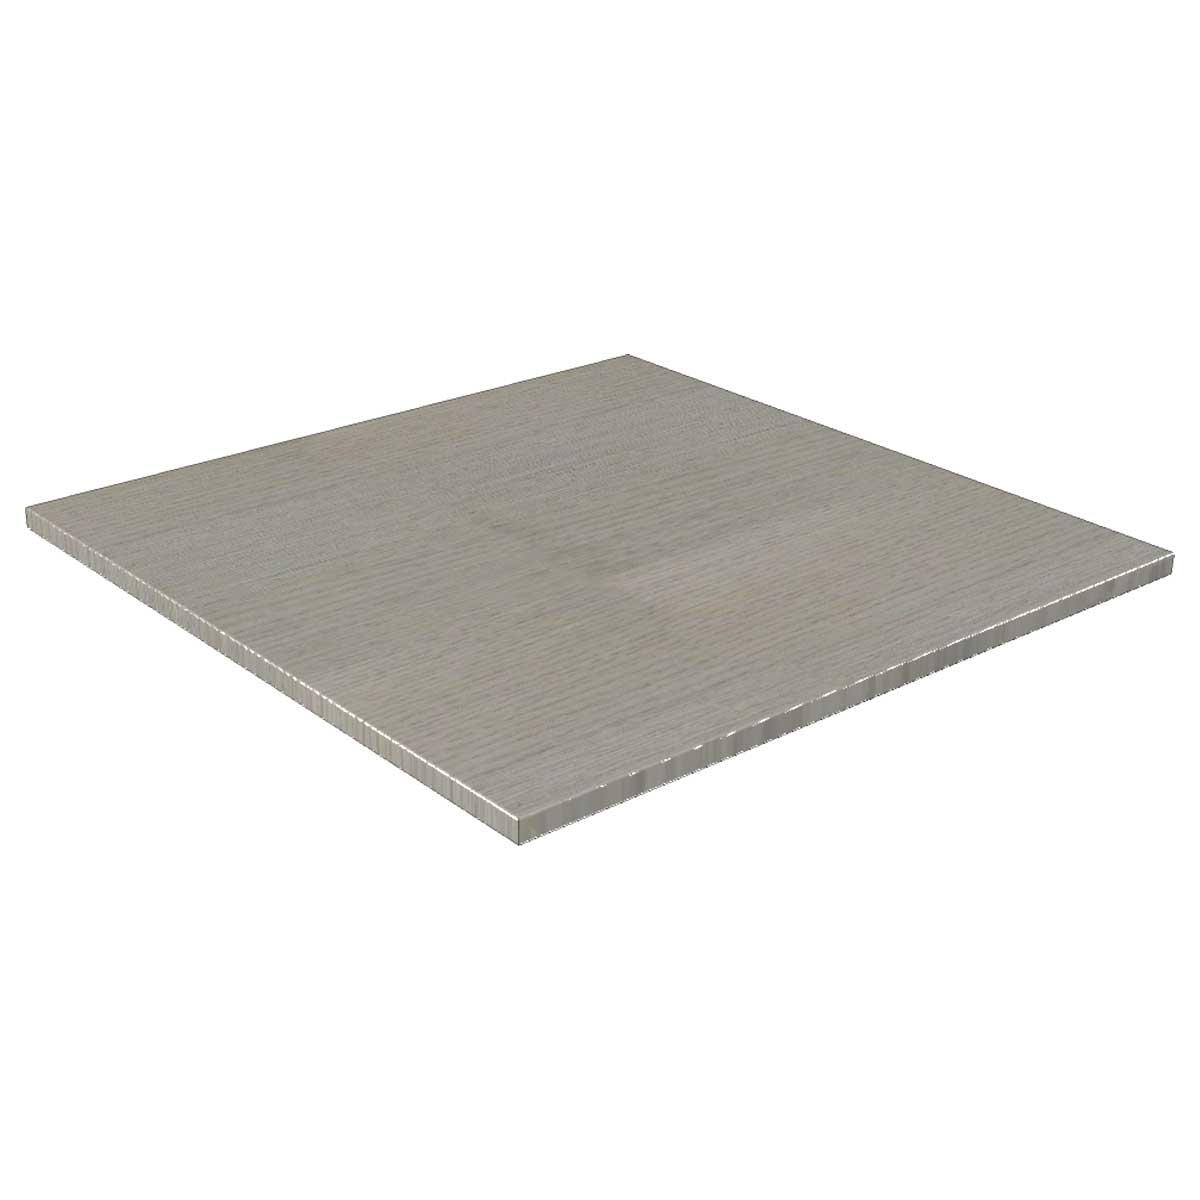 TICAM Q70 4367 - https://www.werzalit.com/en/product/table-top-cambium-q-60x60cm-board-thickness-39cm-decor-courtrai/